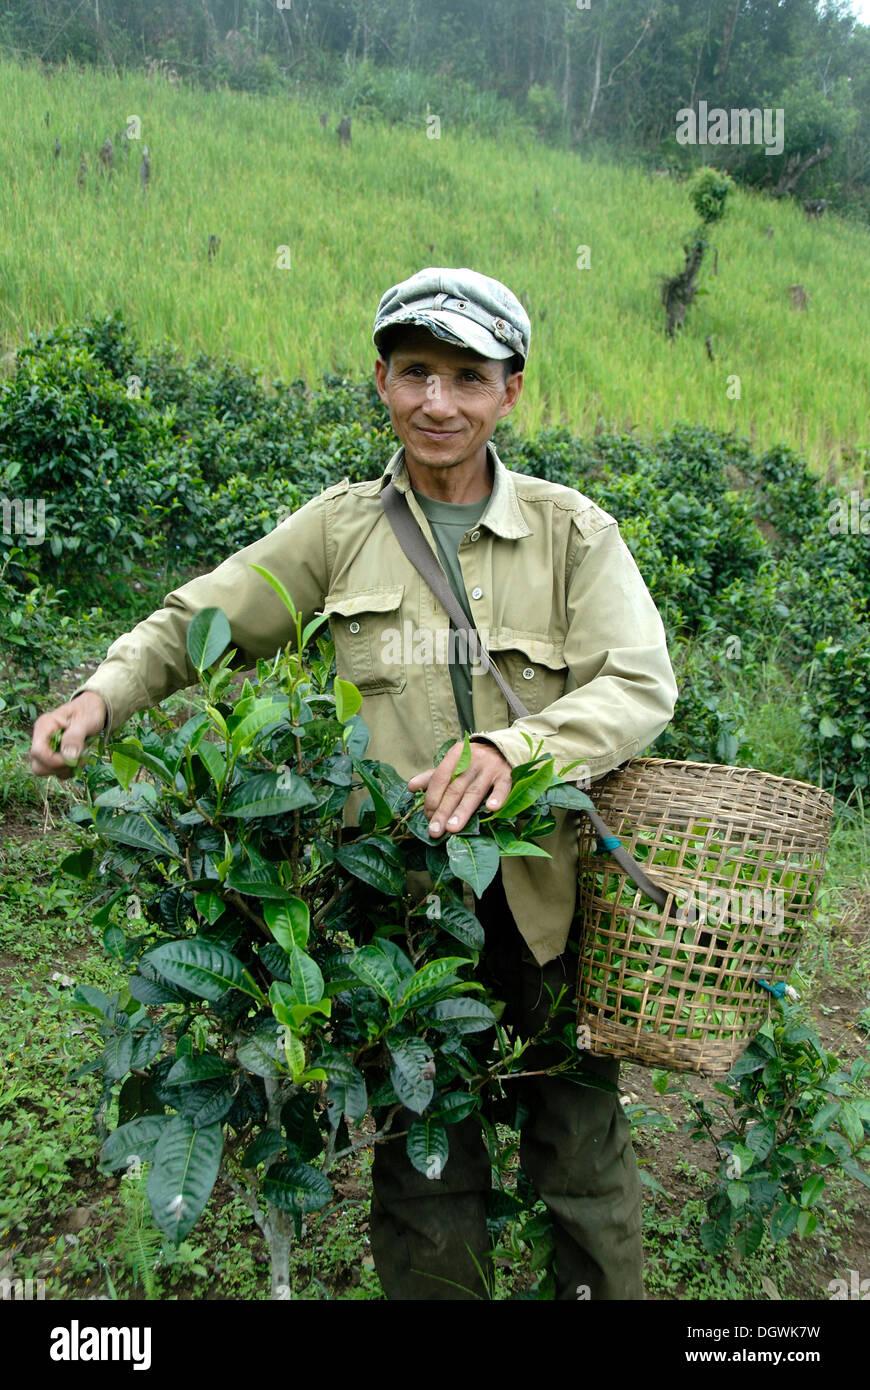 Récolte de thé, l'homme de l'ethnie Phunoy choisir les feuilles de thé dans un panier, à Ban Sailom Phongsali, du district et de la province, Laos Photo Stock